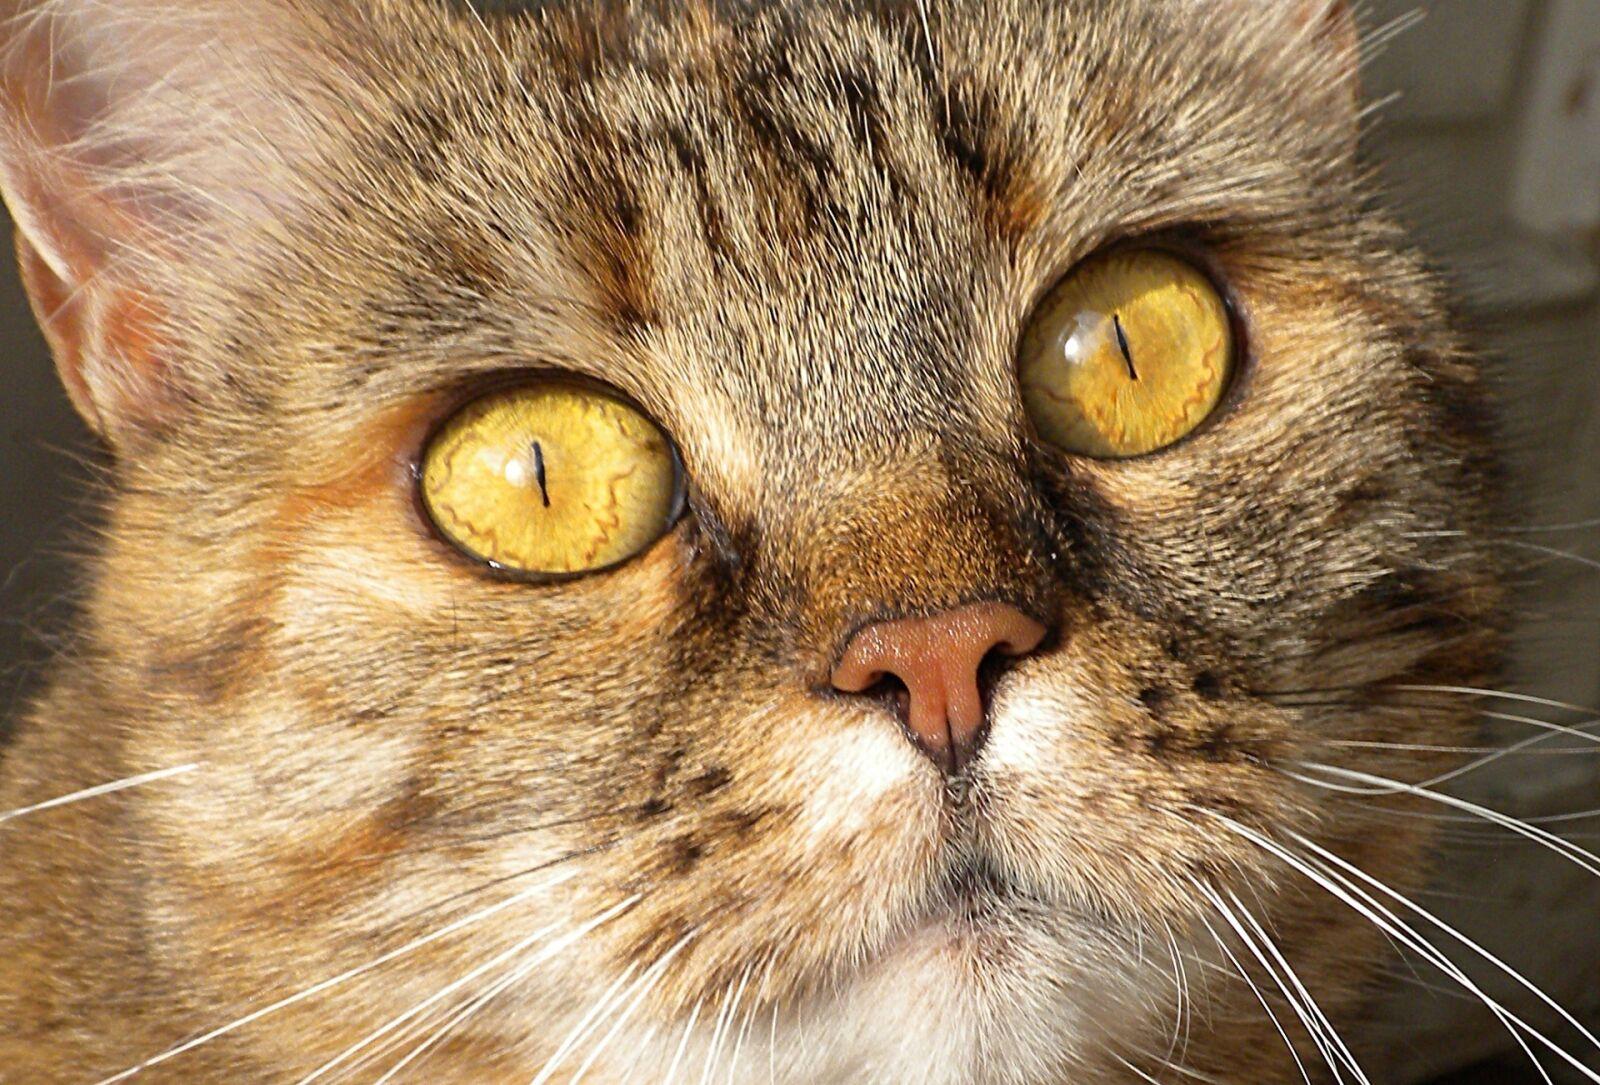 cat, head, face